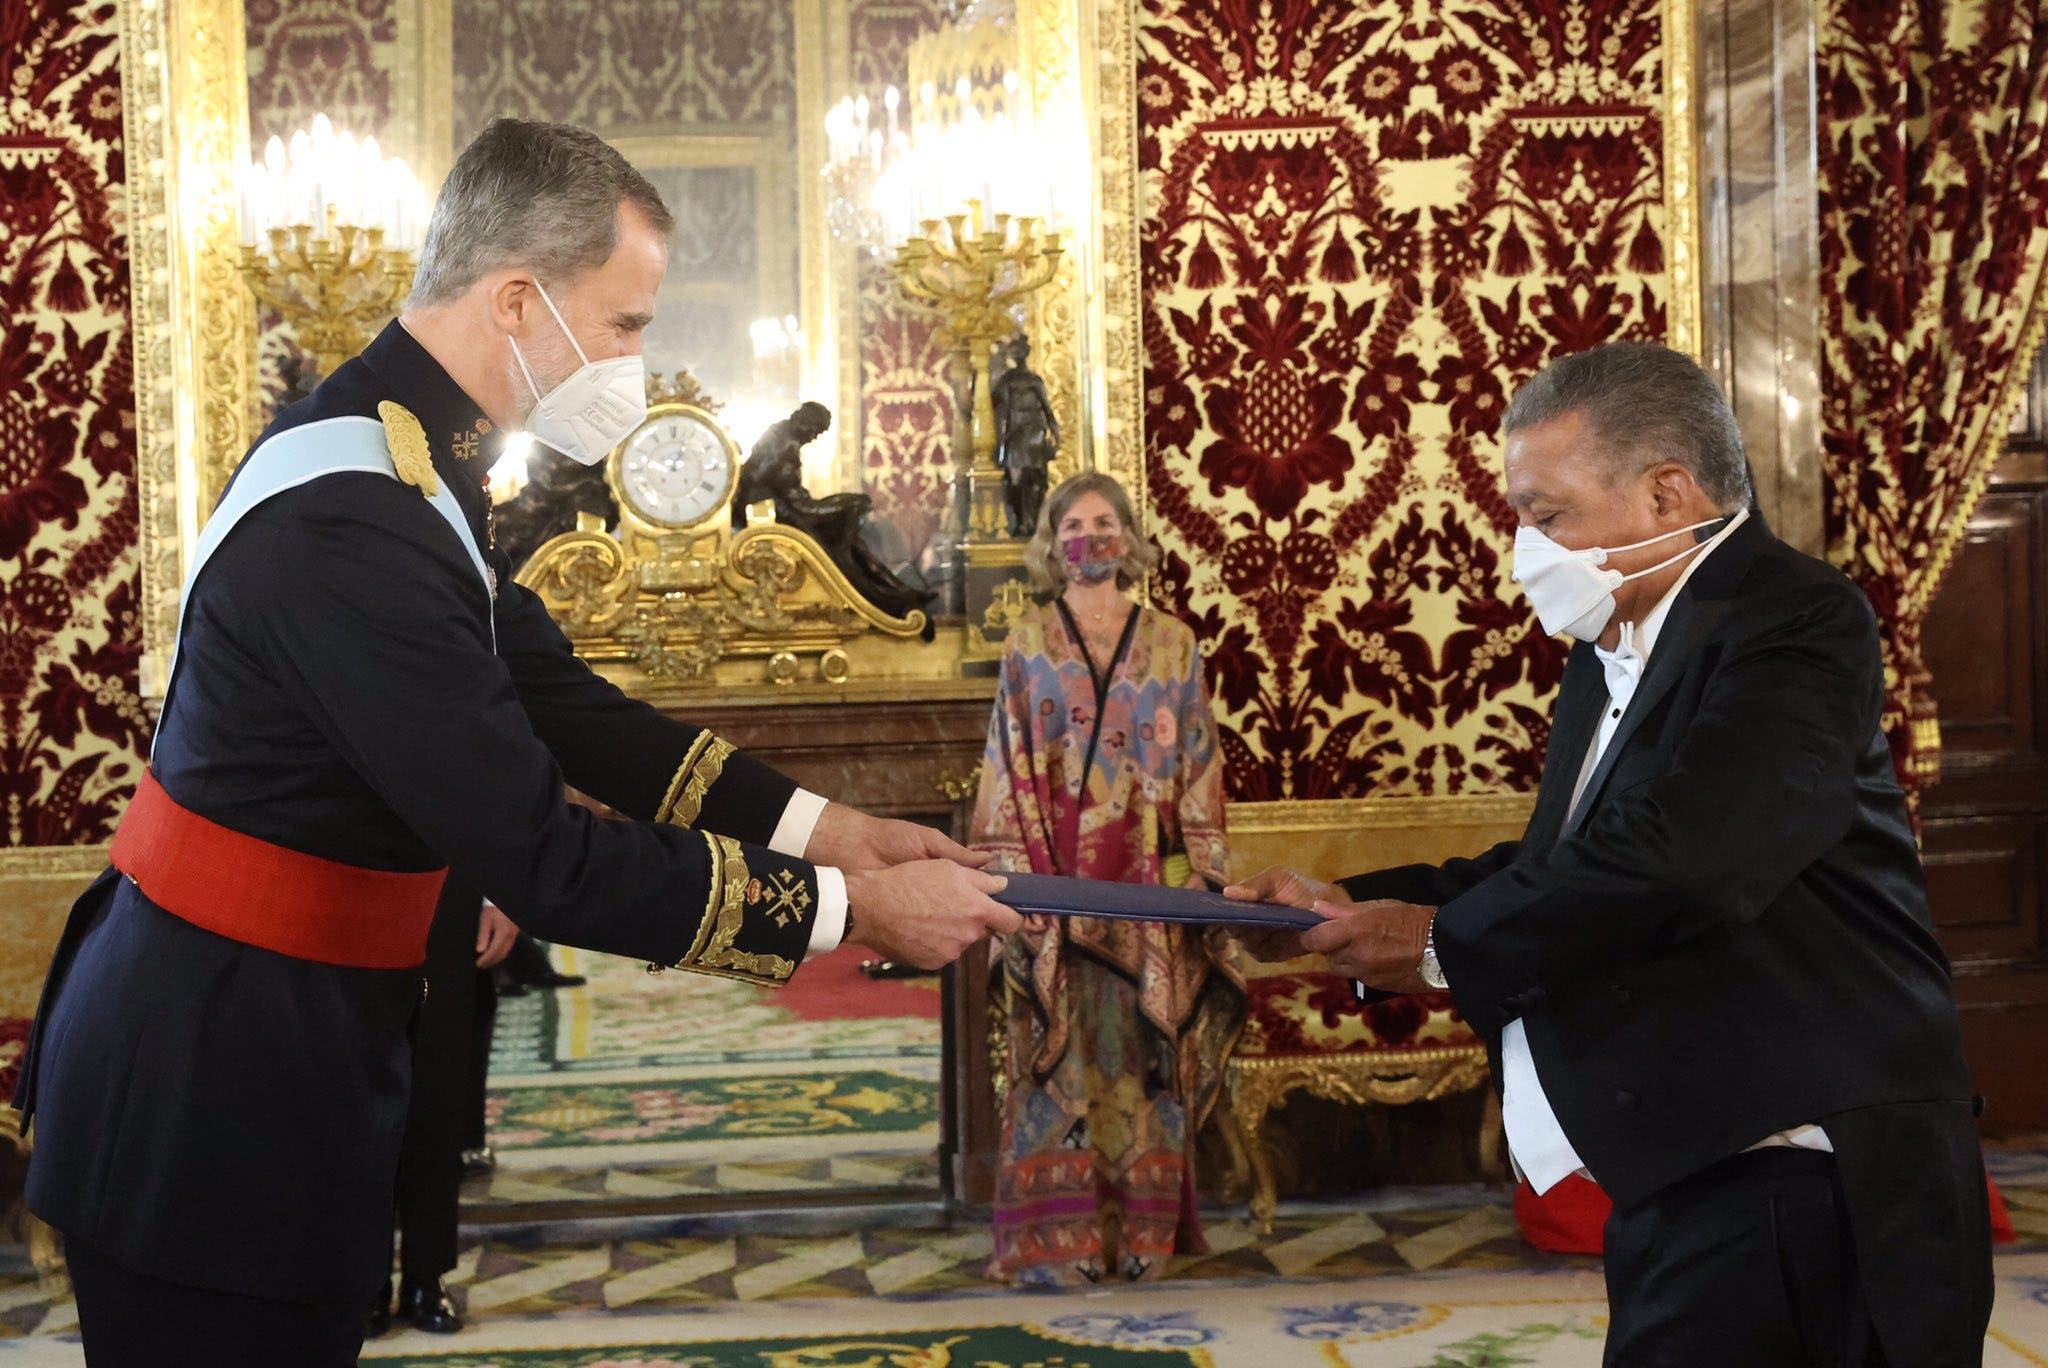 Embajador Juan Bolívar Díaz presenta cartas credenciales ante el Rey de España